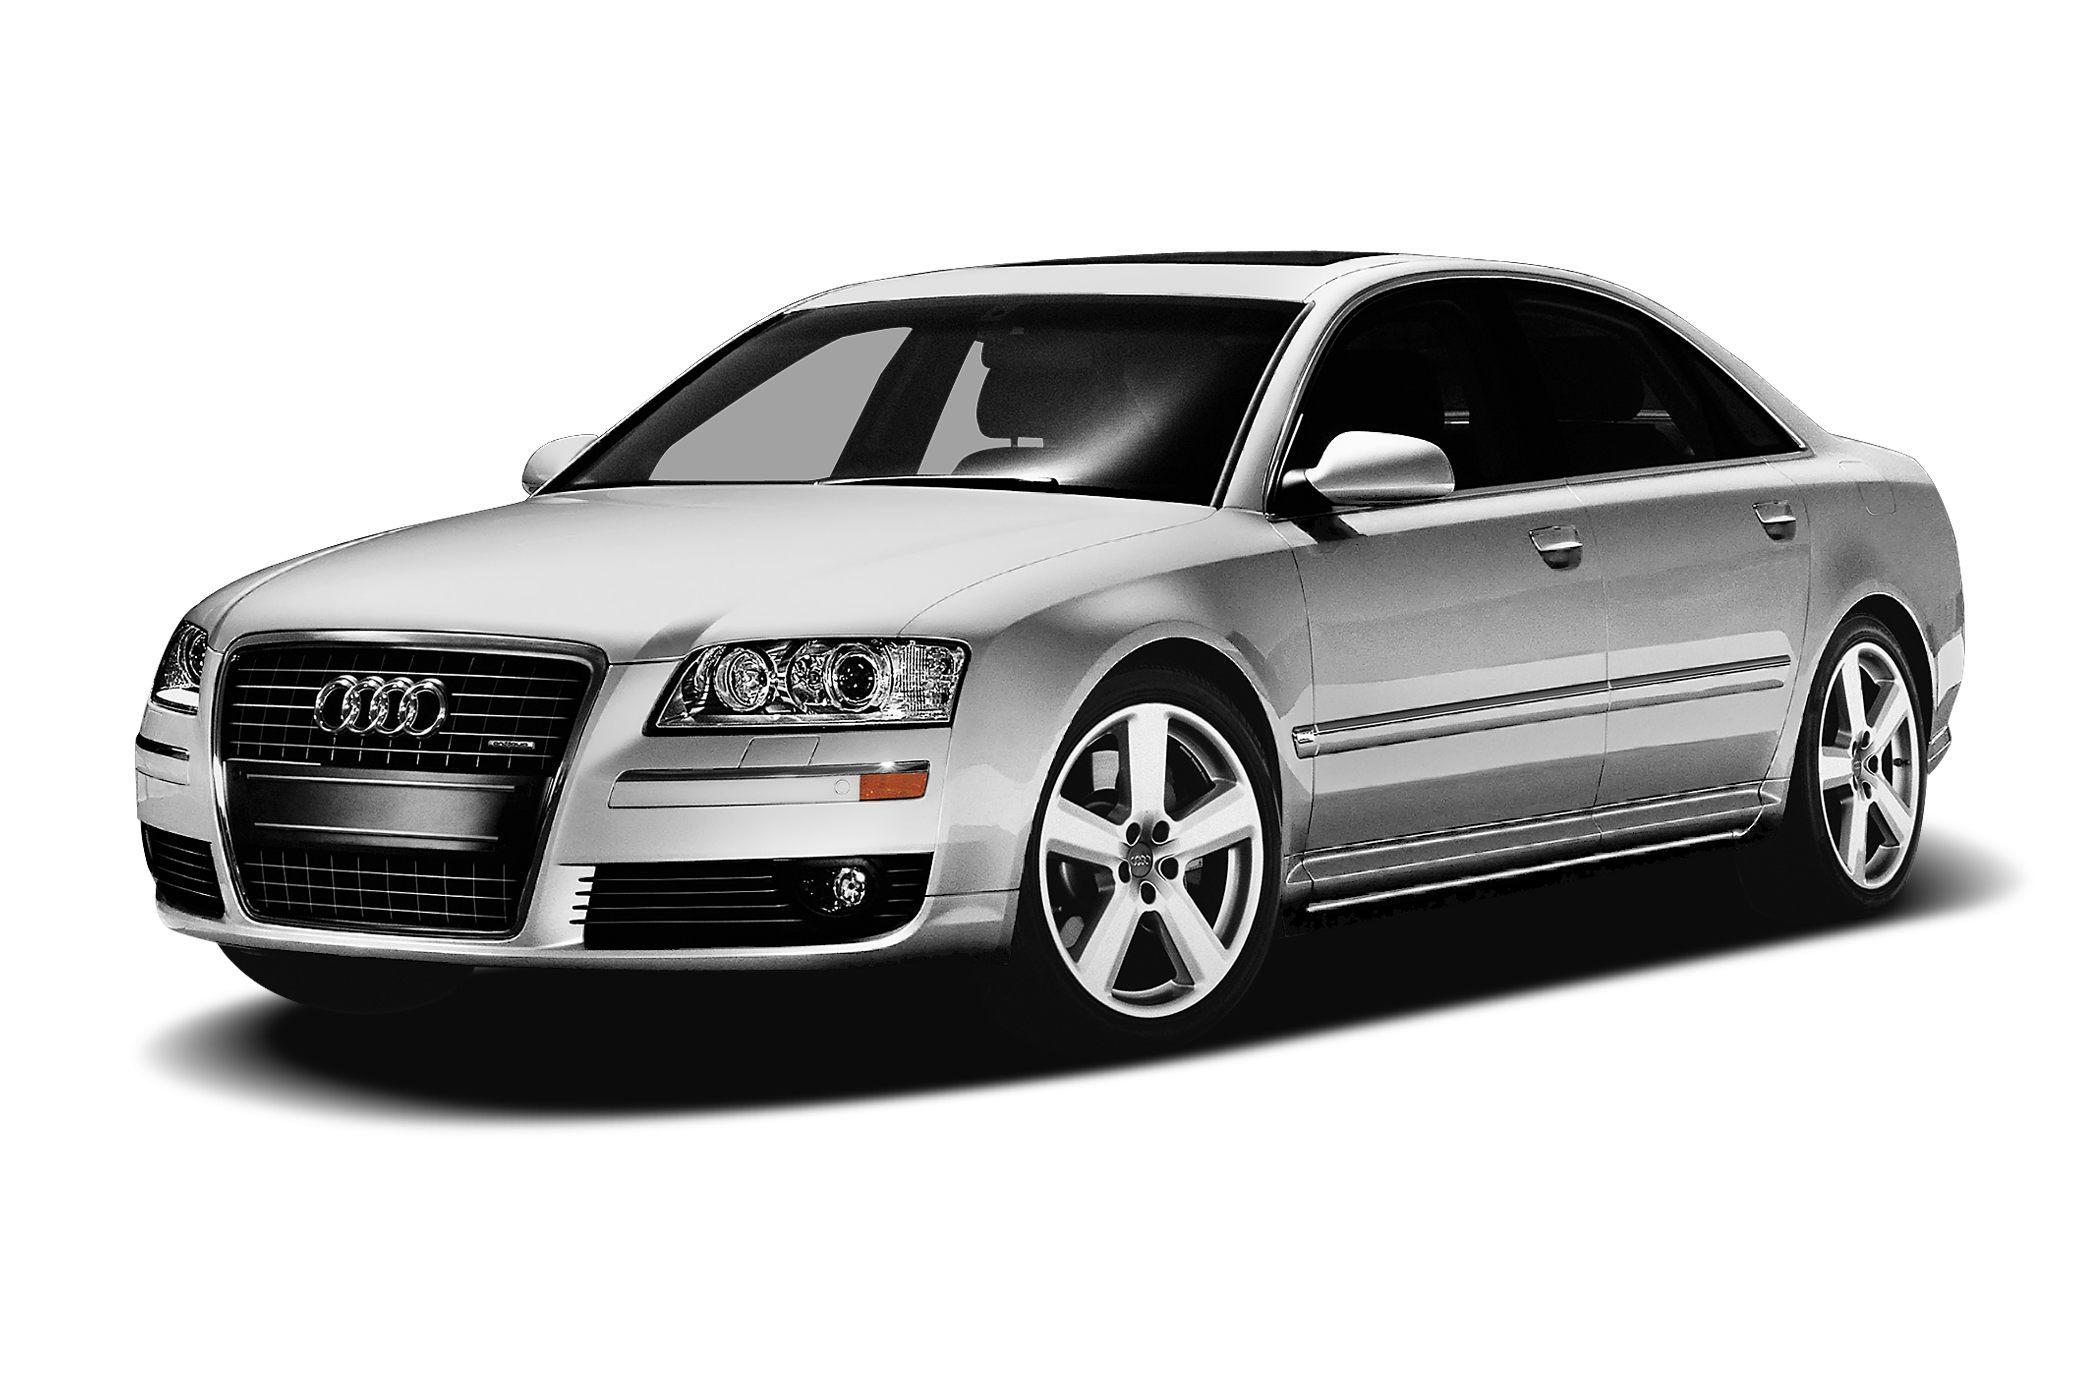 Kelebihan Kekurangan Audi A8 2007 Tangguh